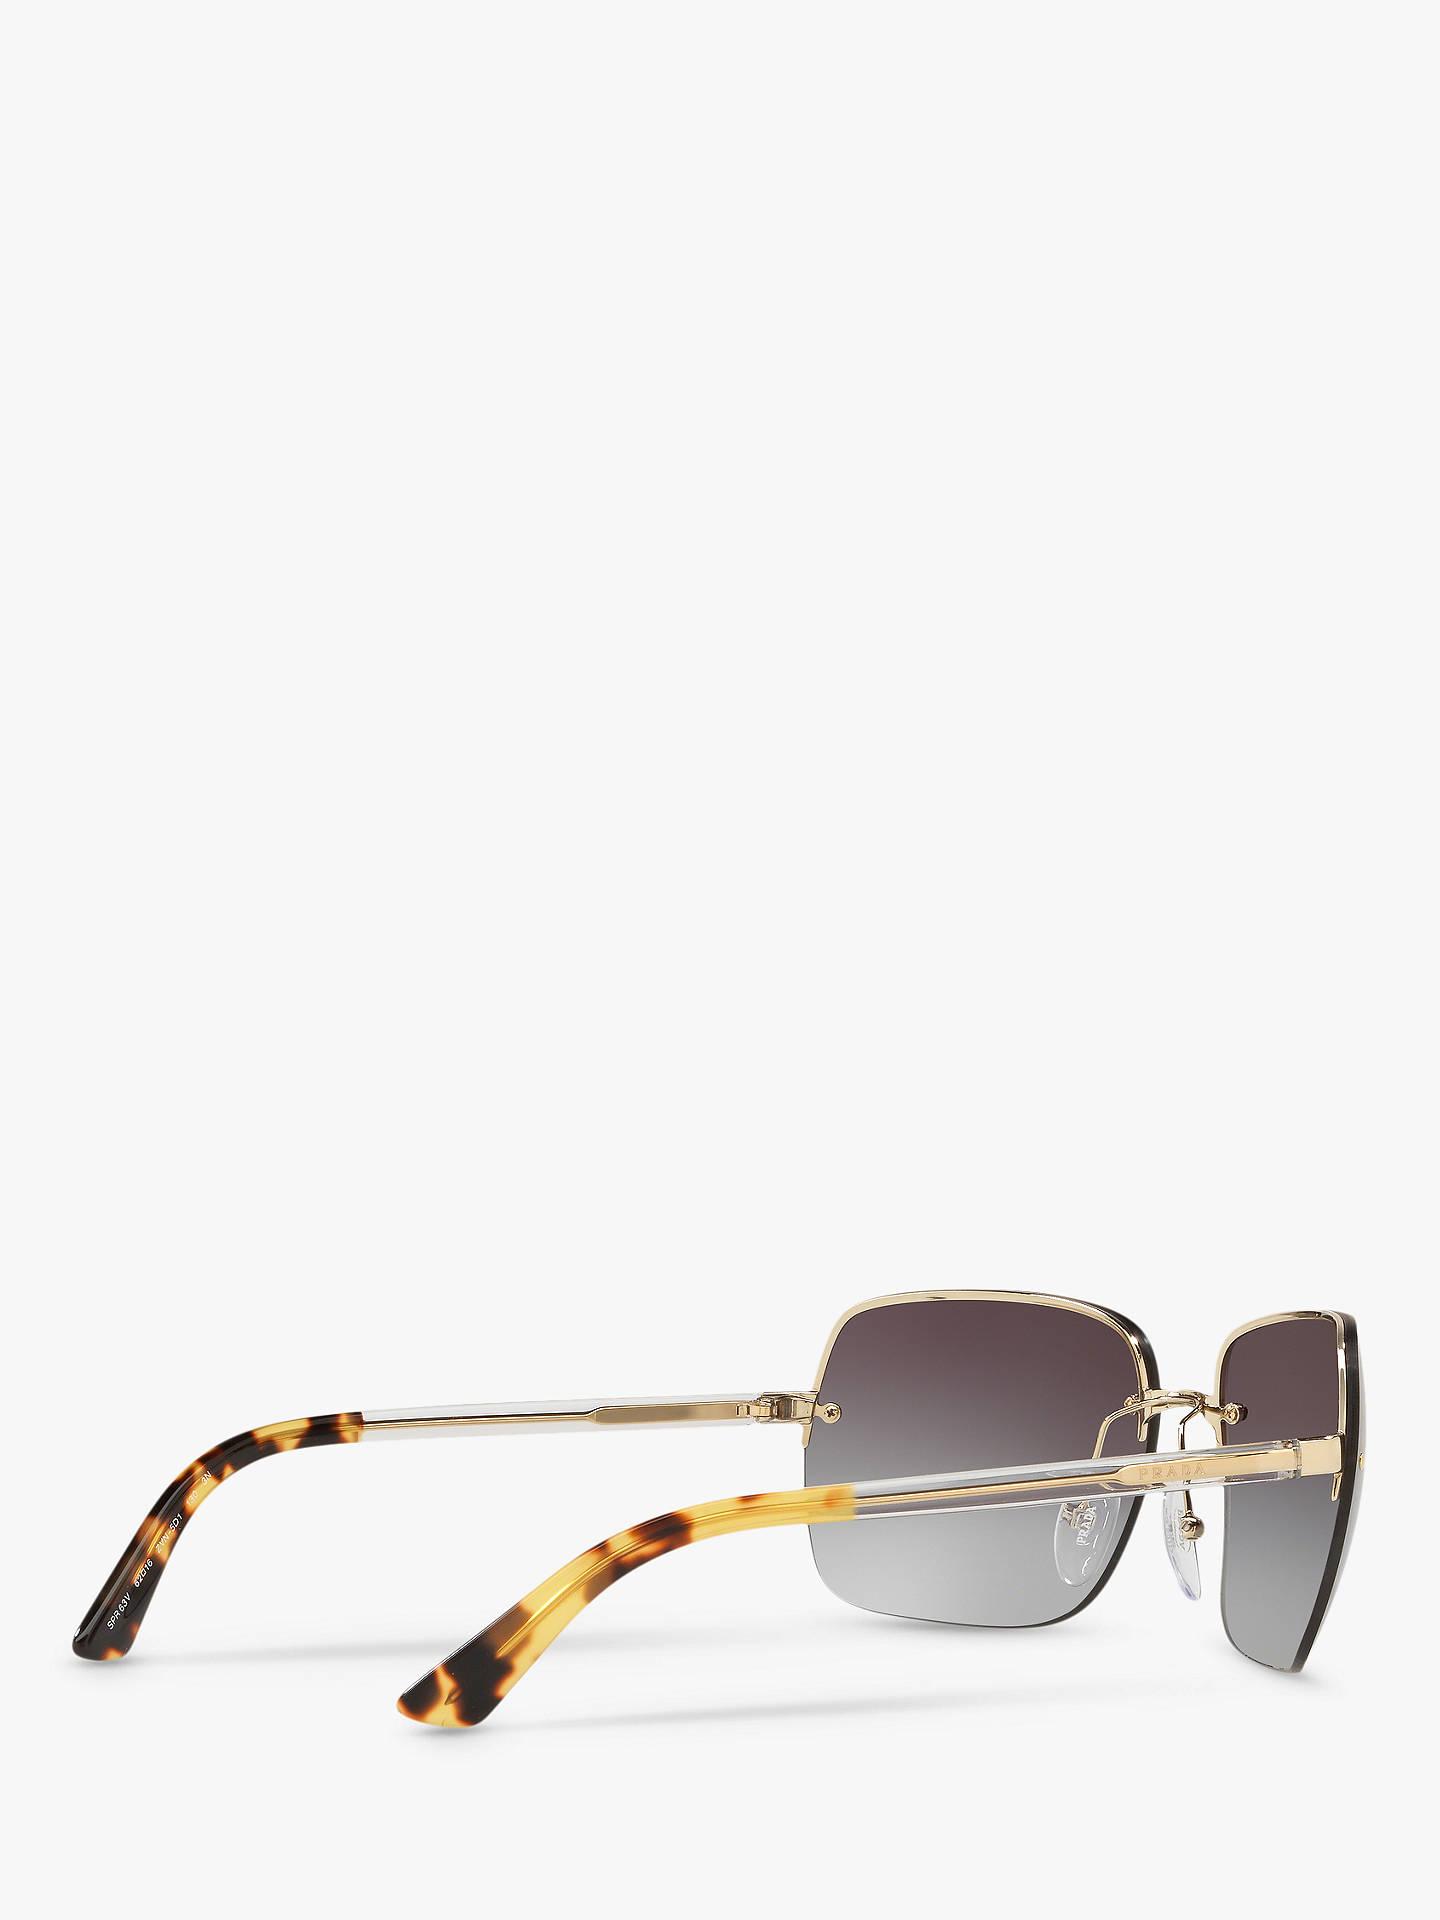 956e5a1d7c Prada PR 63VS Women s Square Sunglasses at John Lewis   Partners